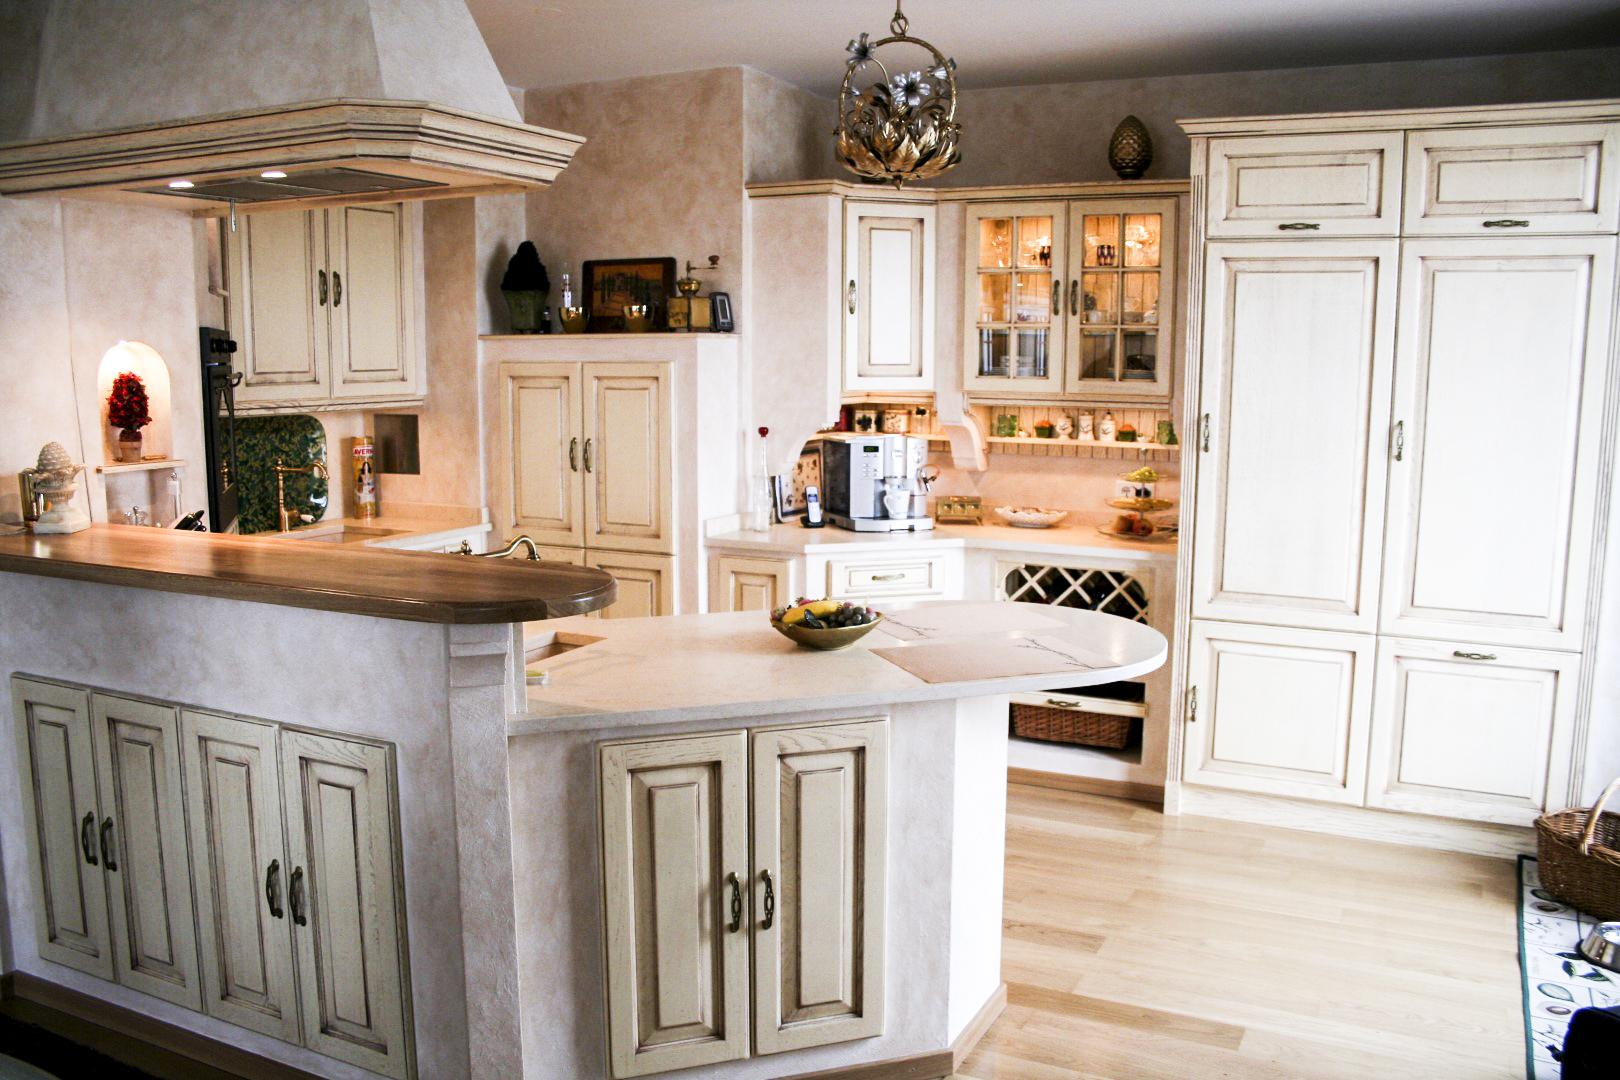 Full Size of Gemauerte Küche Armatur Einbauküche Kaufen Miele Eckunterschrank Zusammenstellen Was Kostet Eine Neue Pendelleuchten Günstig Mit Elektrogeräten Doppelblock Wohnzimmer Gemauerte Küche